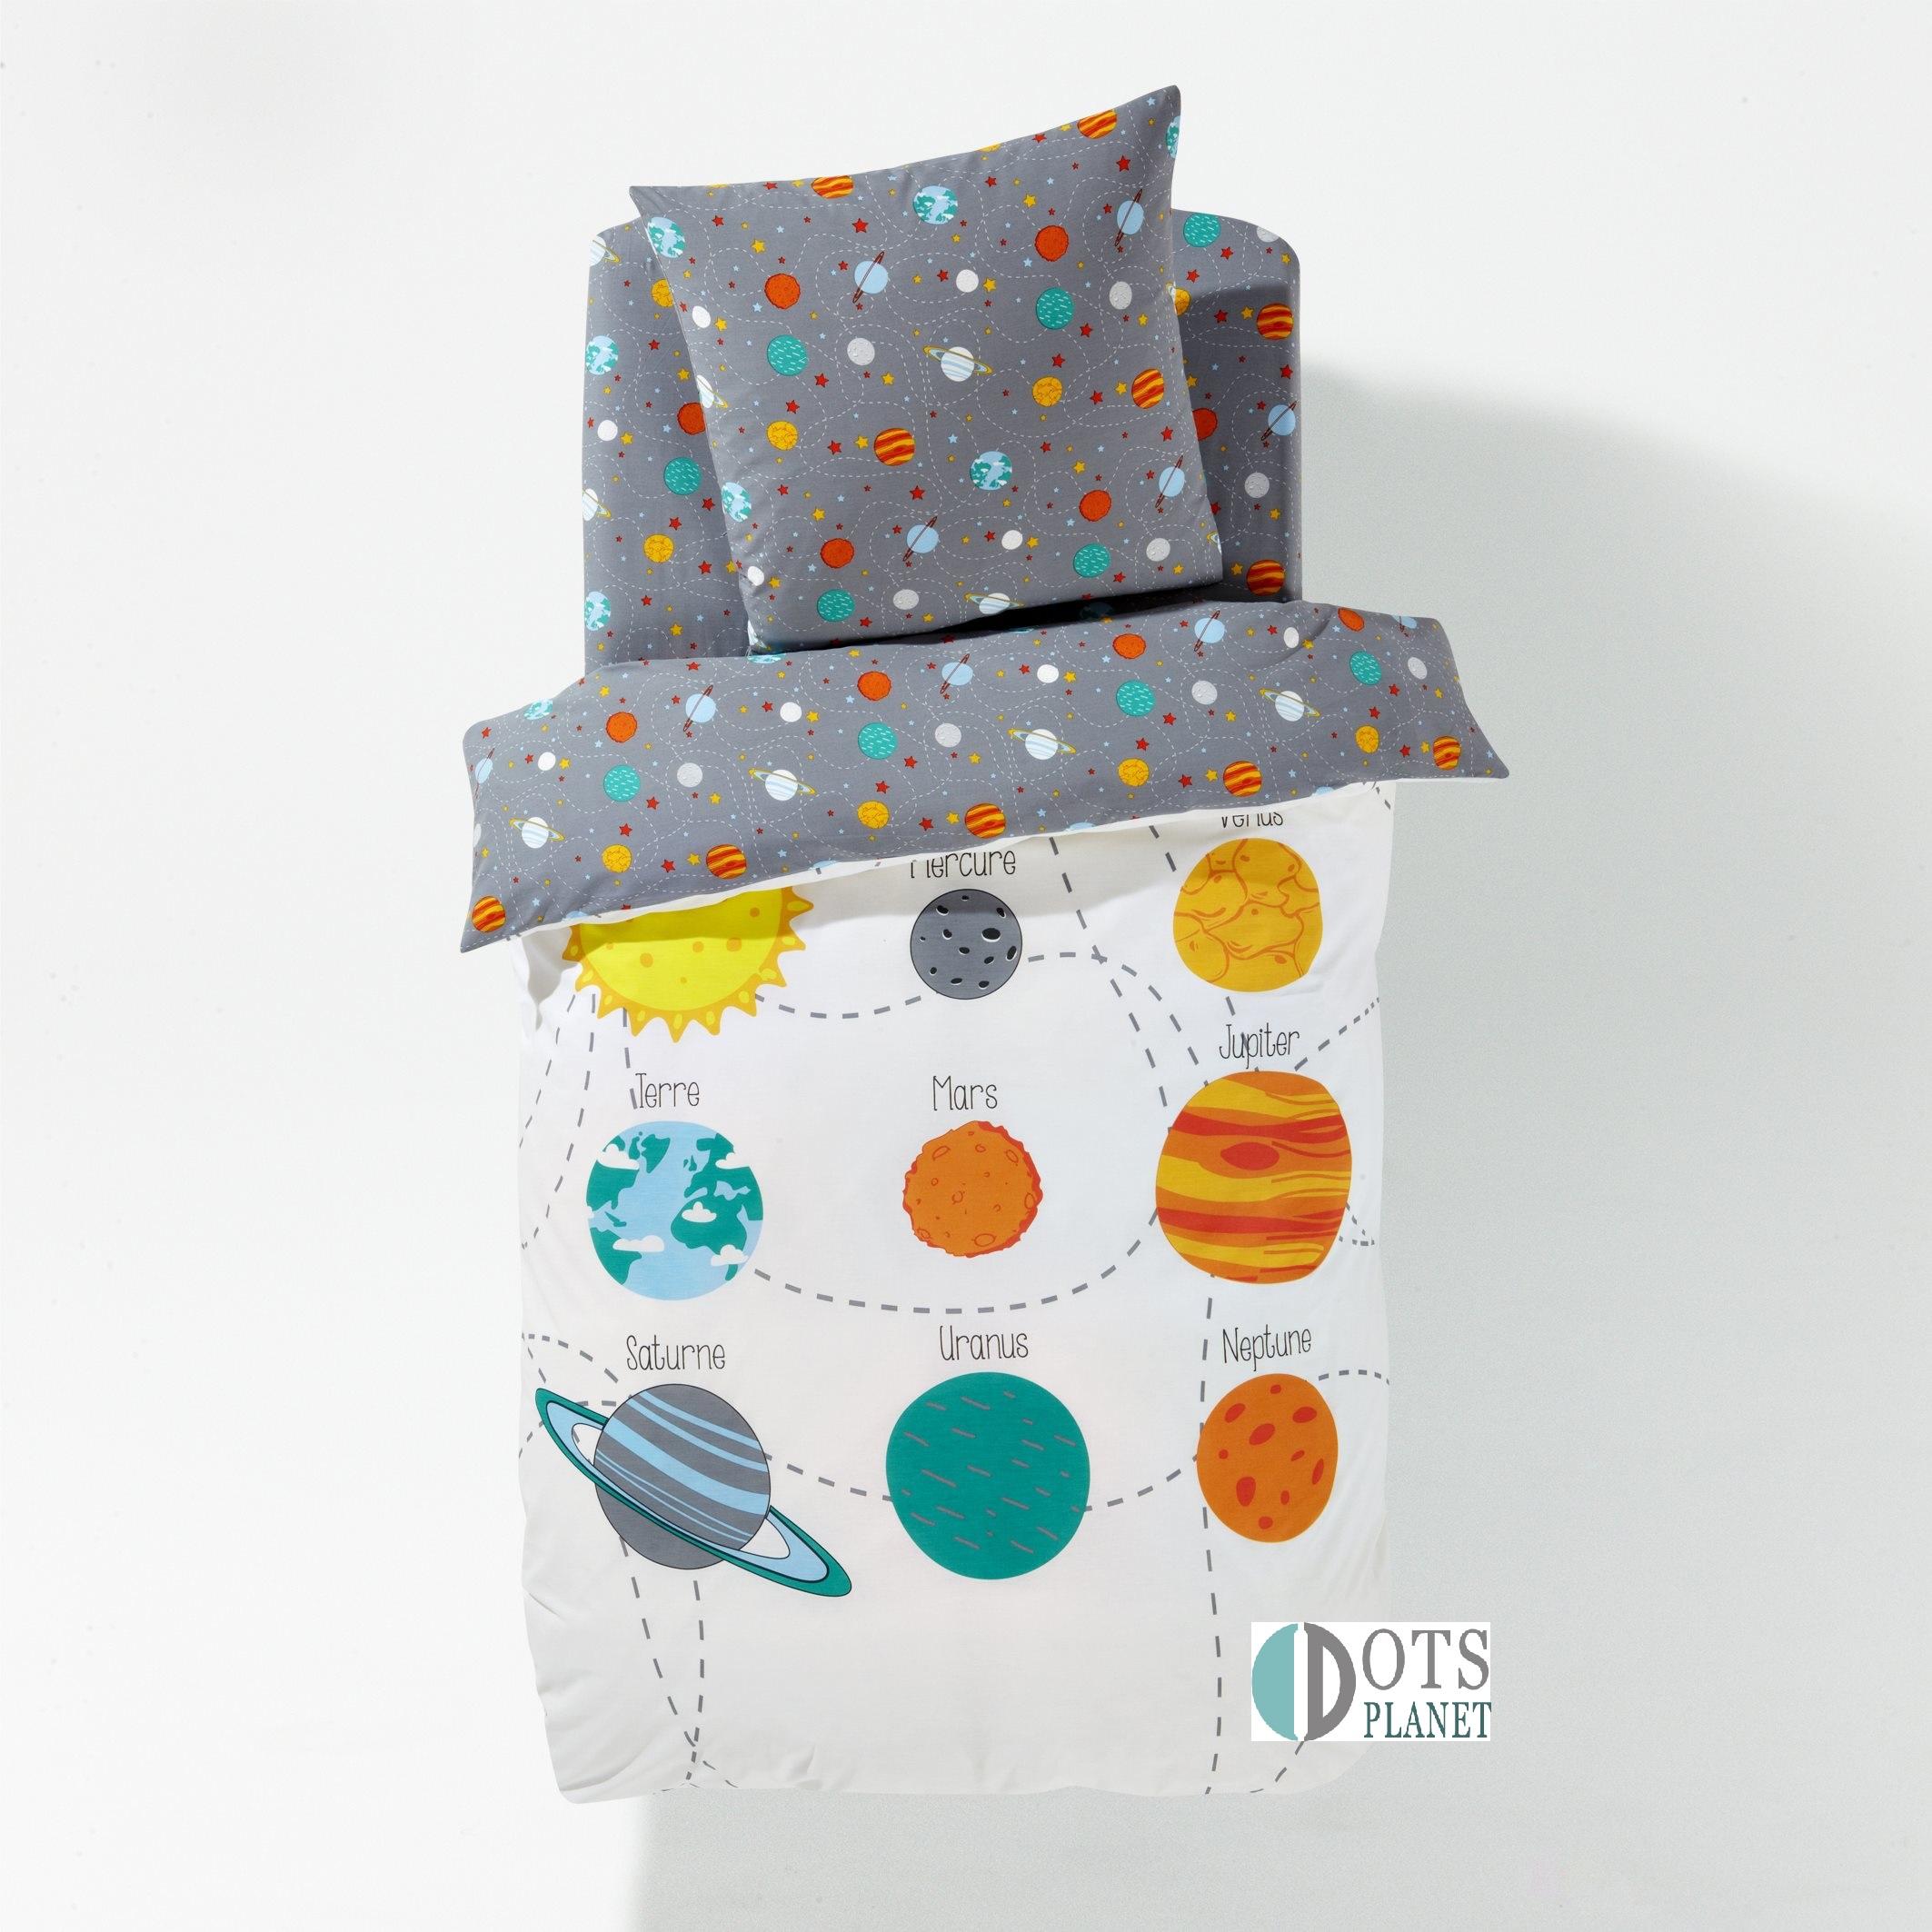 Po ciel dzieci ca bawe niana 140x200 kolorowy uk ad planetarny for Housse de couette patchwork